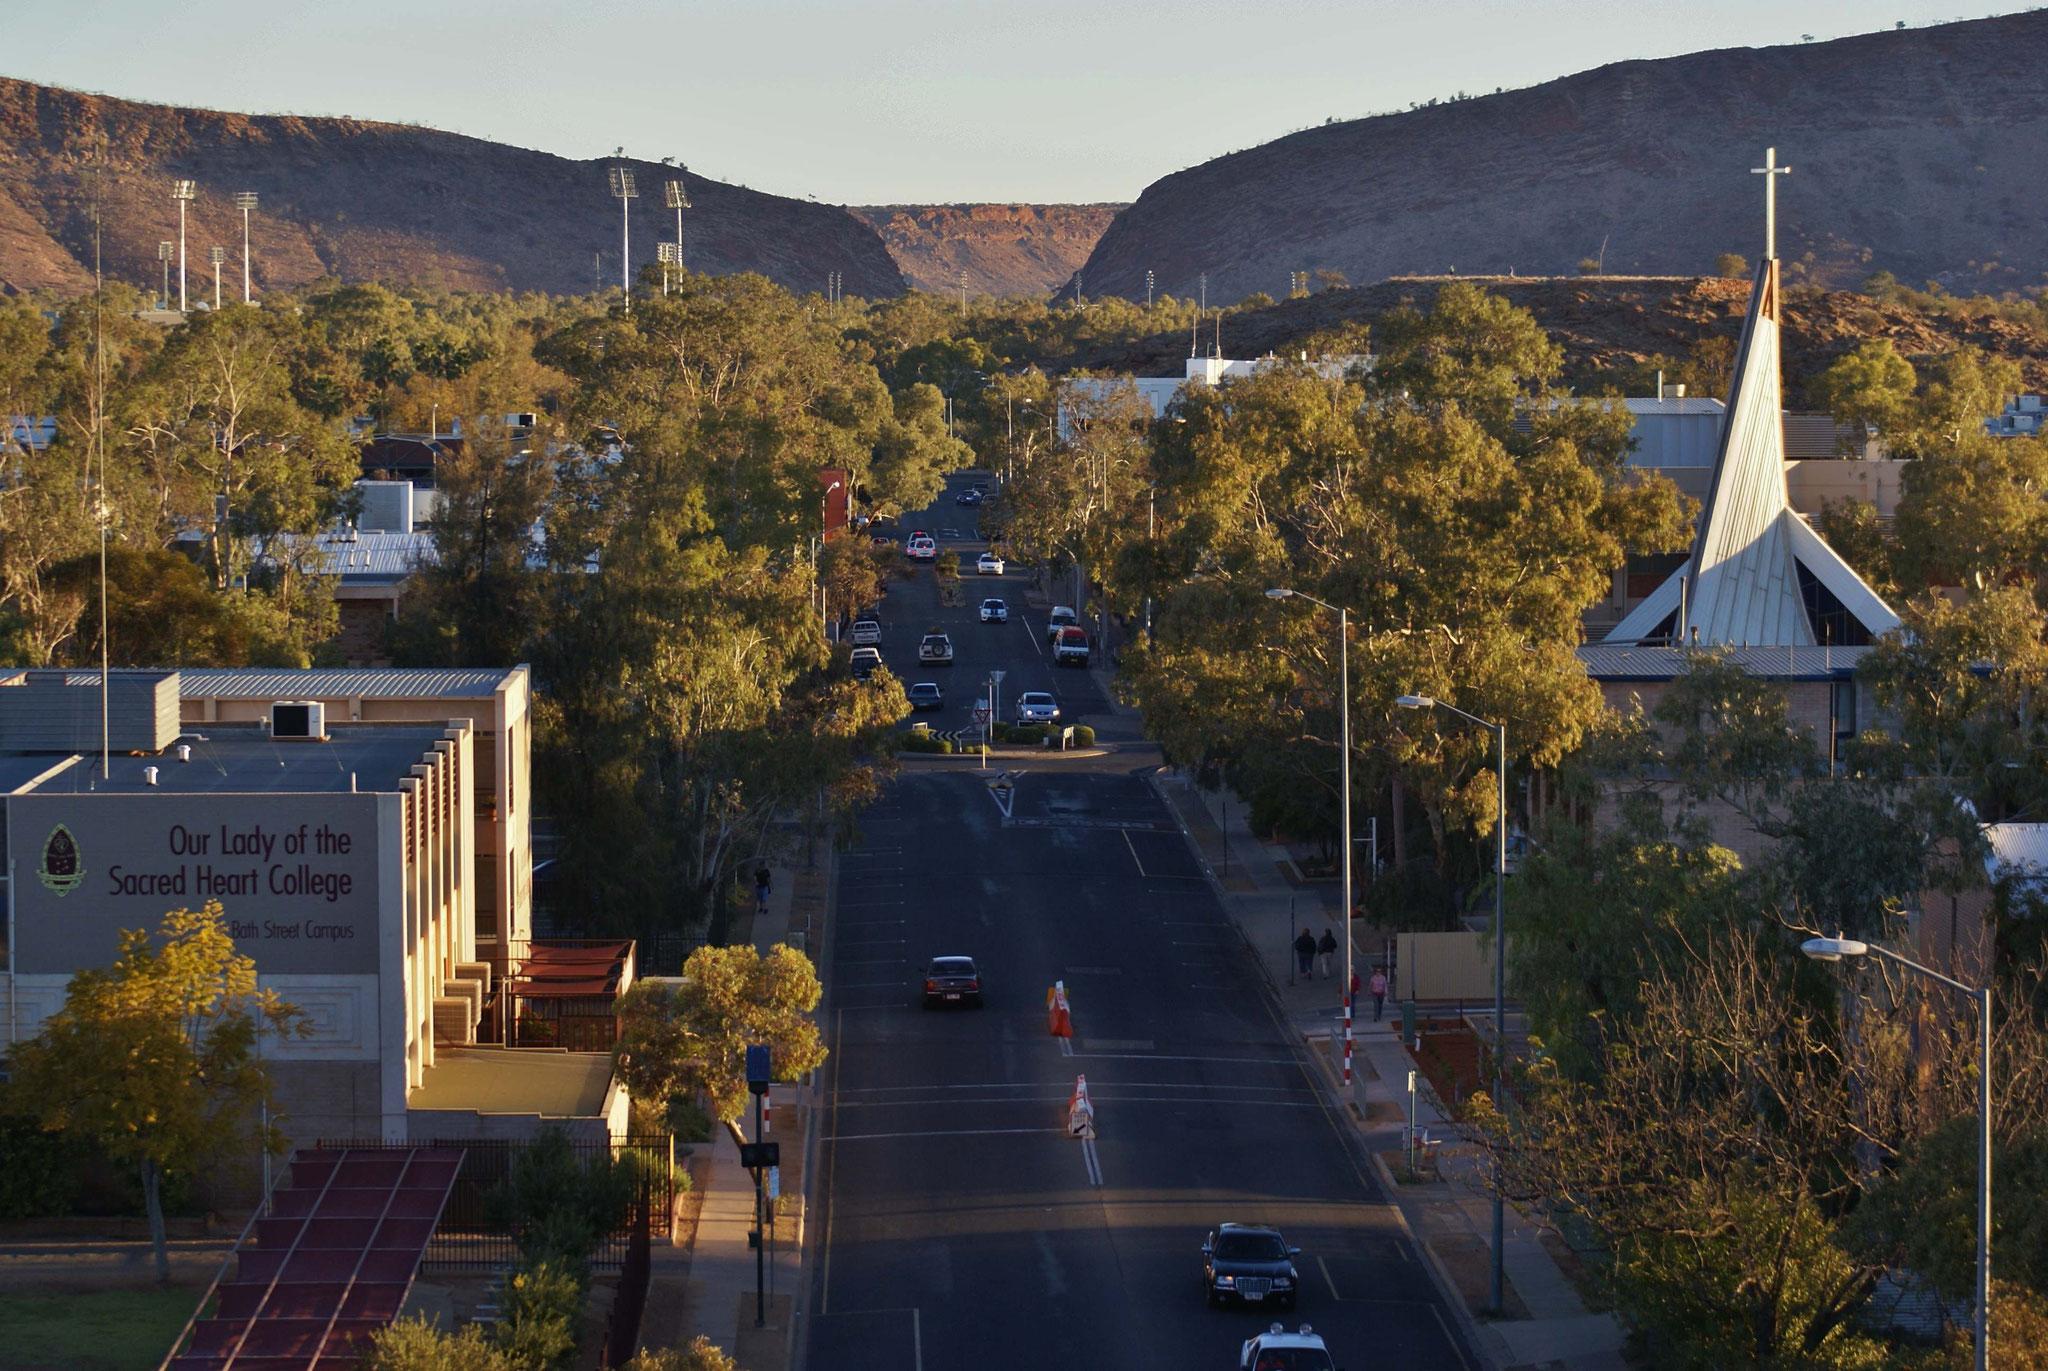 Alice Springs - hier findet jährlich ein Bootsrennen in einem meist trockenen Flußbett statt